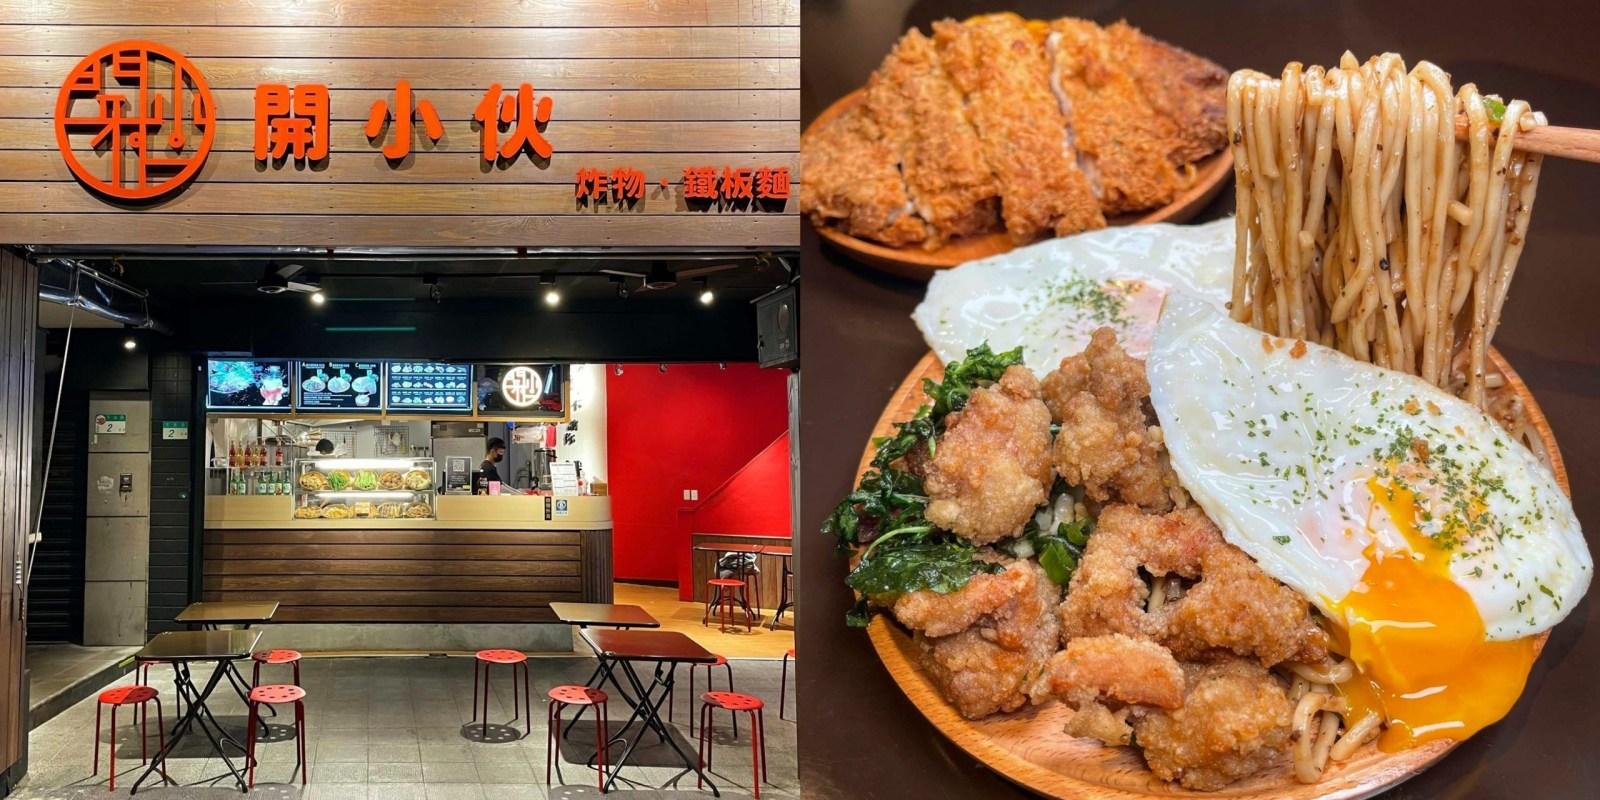 [台北美食] 開小伙宵夜炸雞鐵板麵 - 把雞排跟鐵板麵併在一起的超邪惡組合!